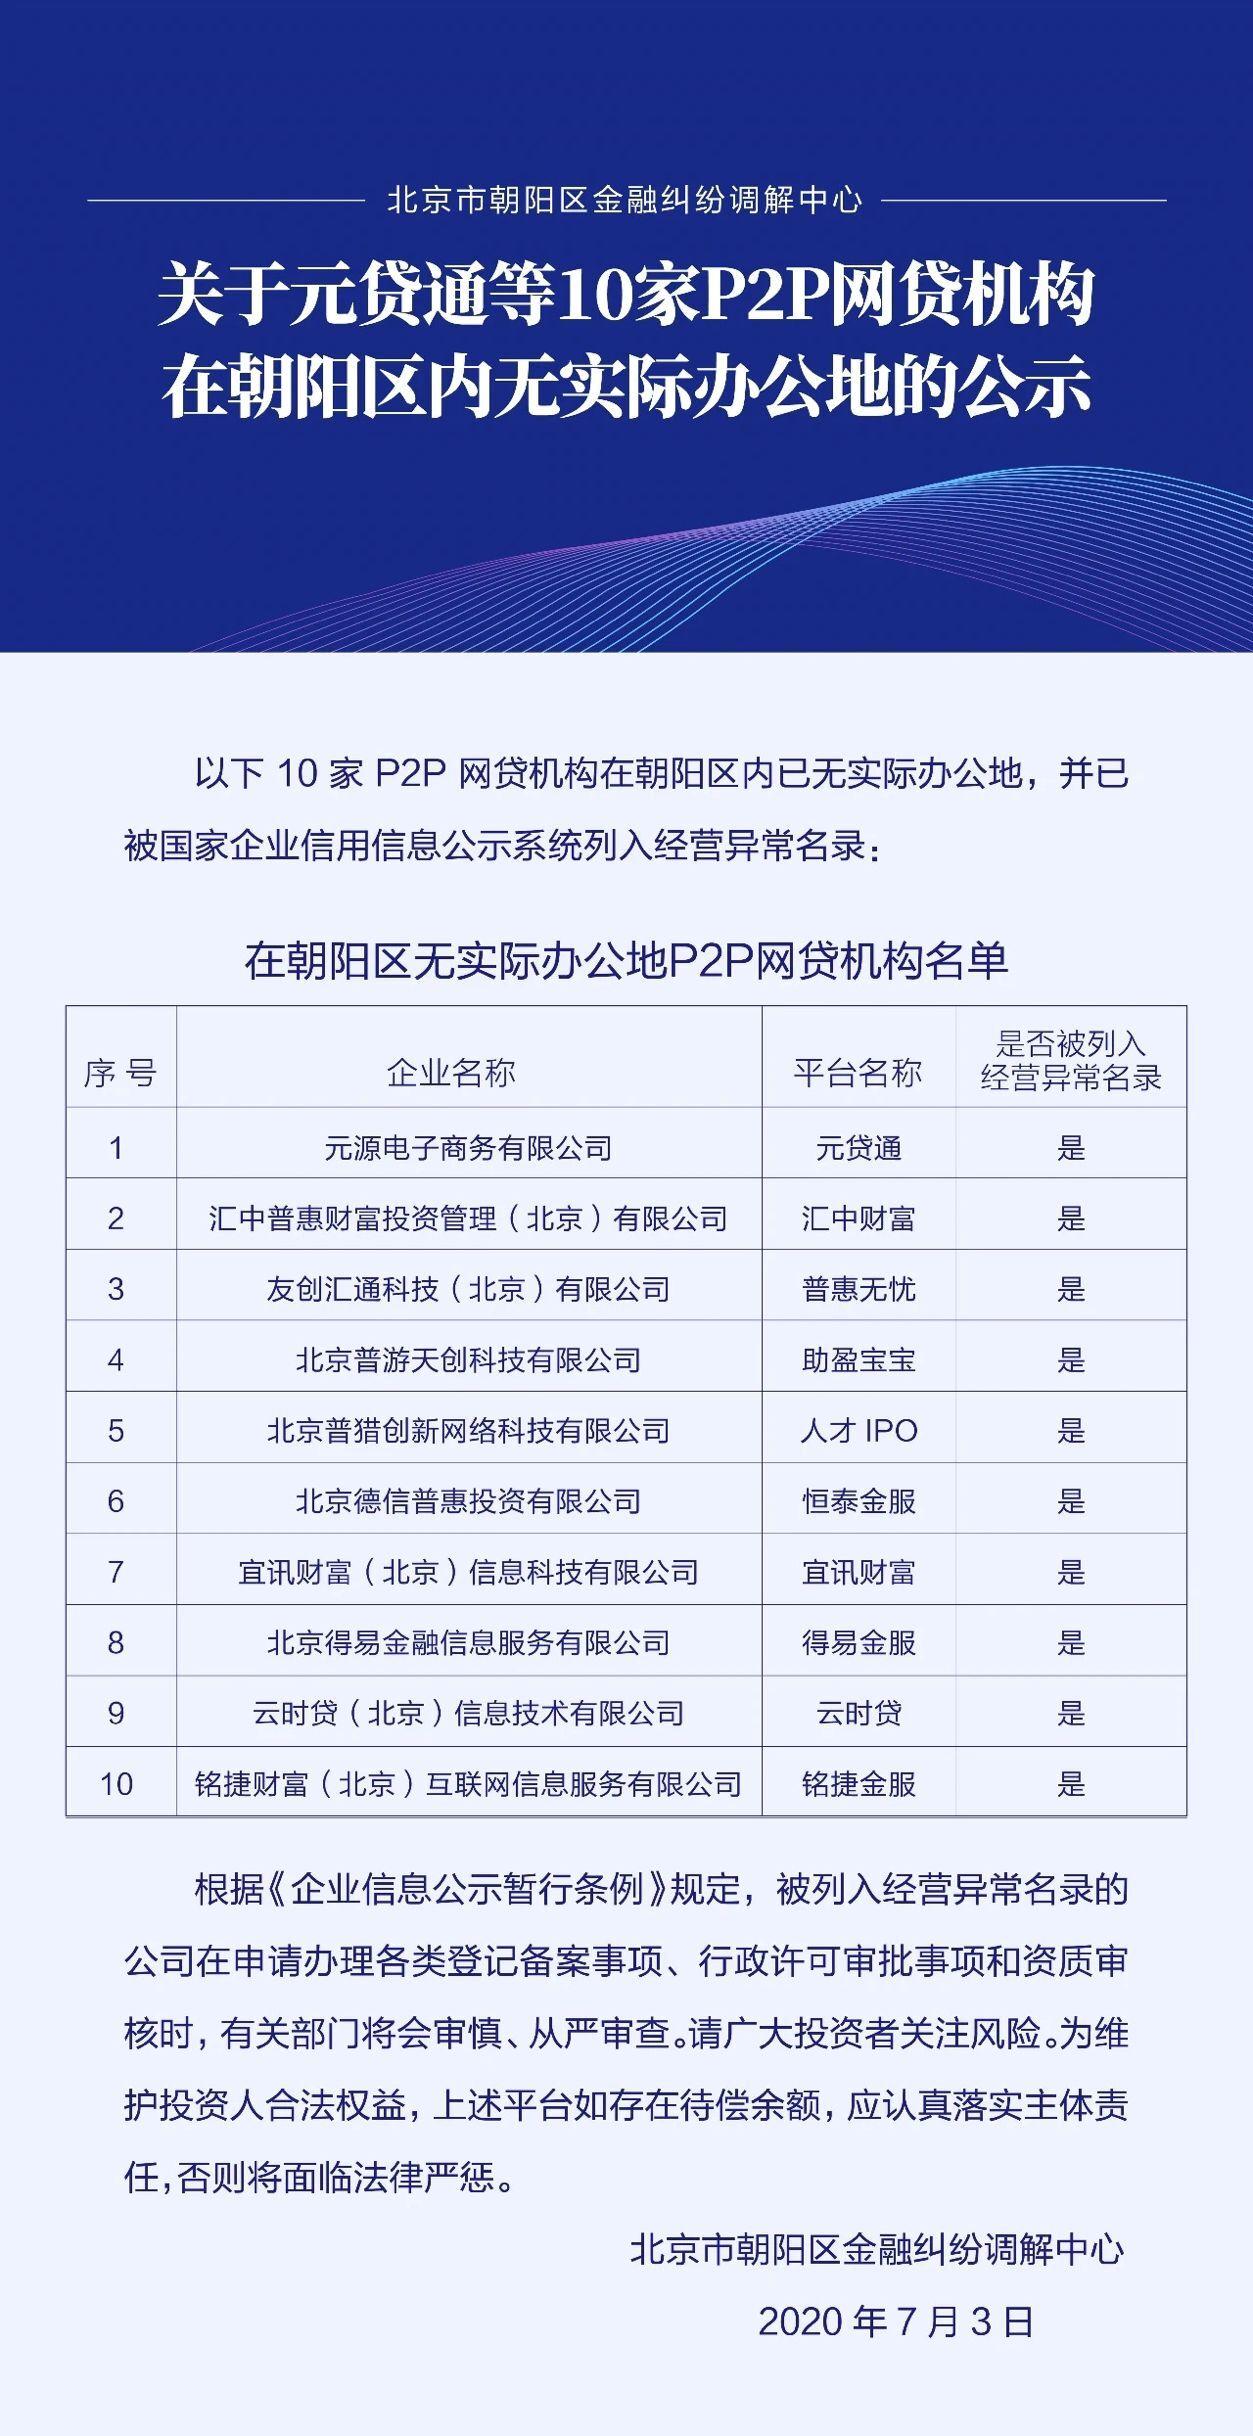 涉及10家P2P!元贷通等平台在北京朝阳区已无实际办公地点